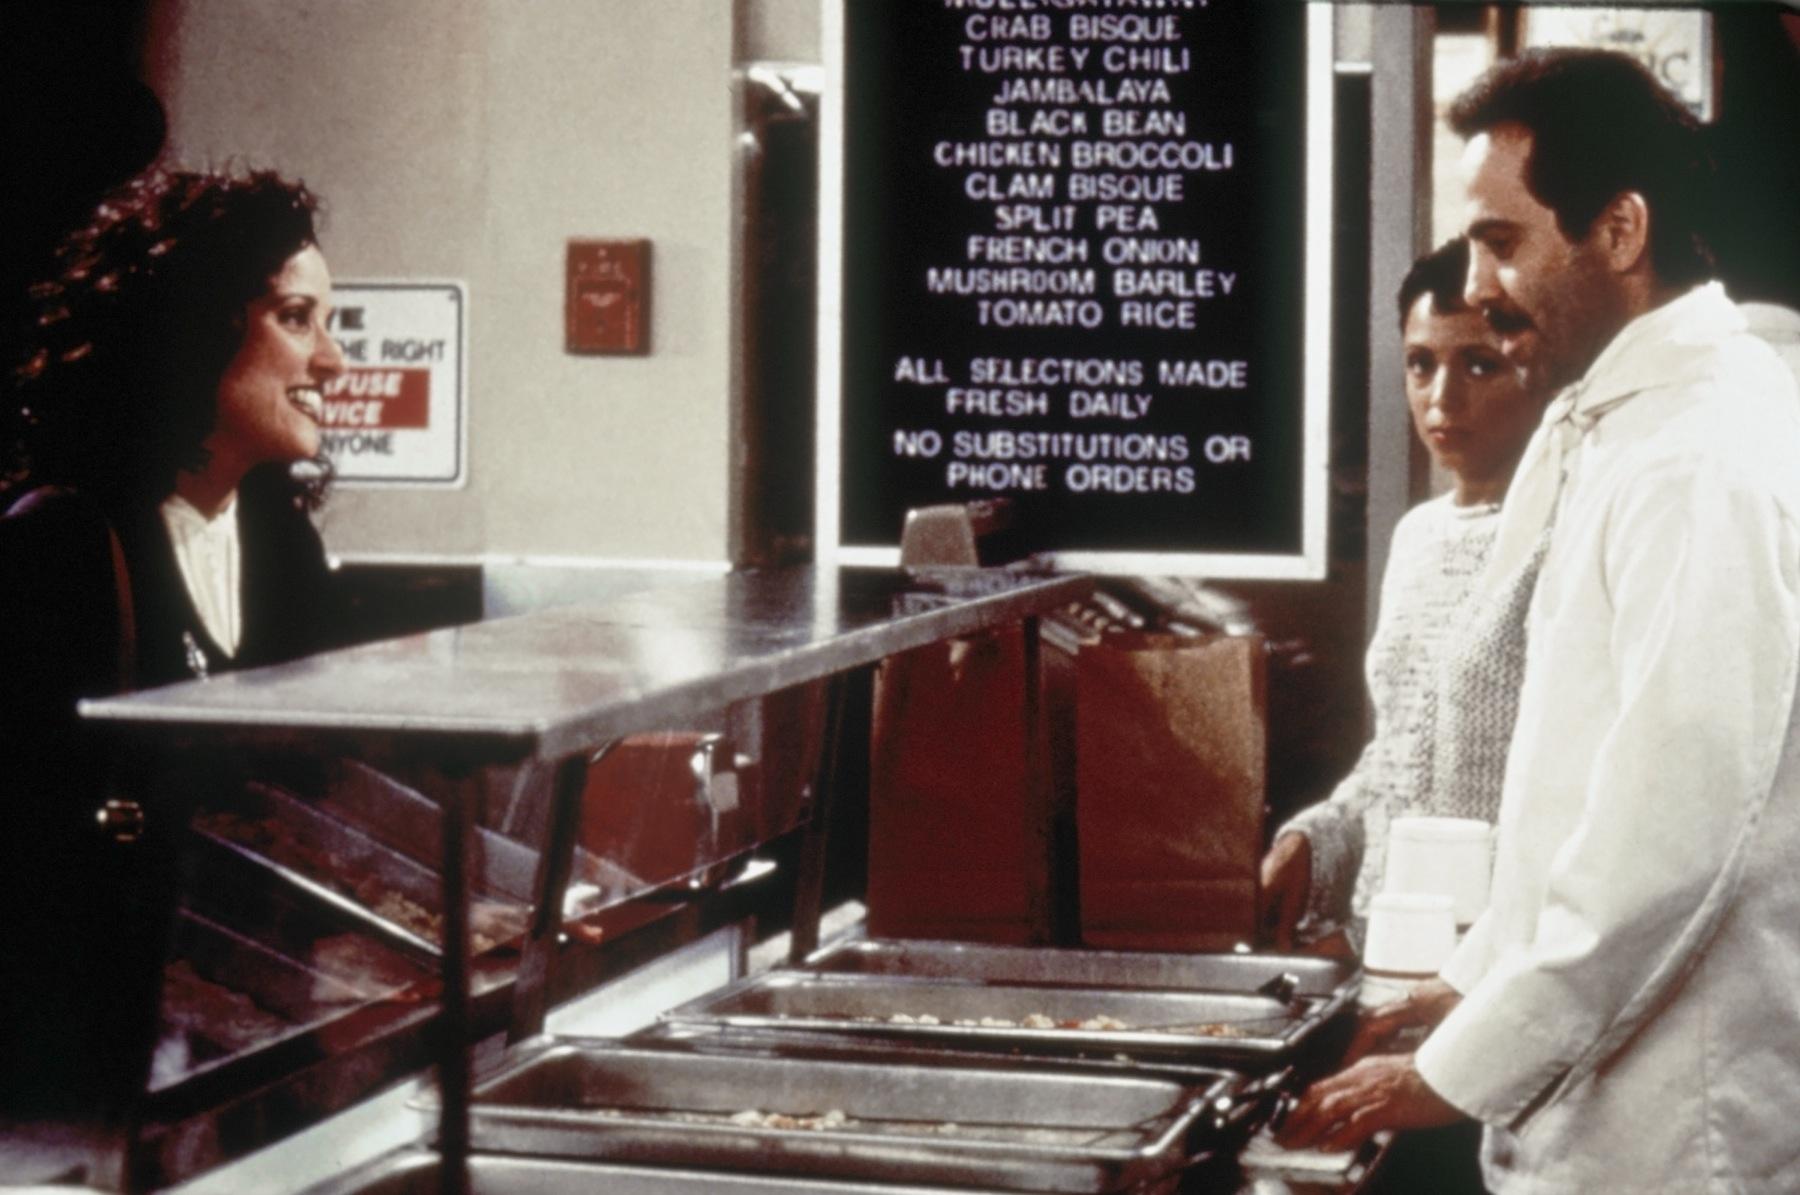 Julia Louis-Dreyfus as Elaine Benes, Larry Thomas as Soup Nazi